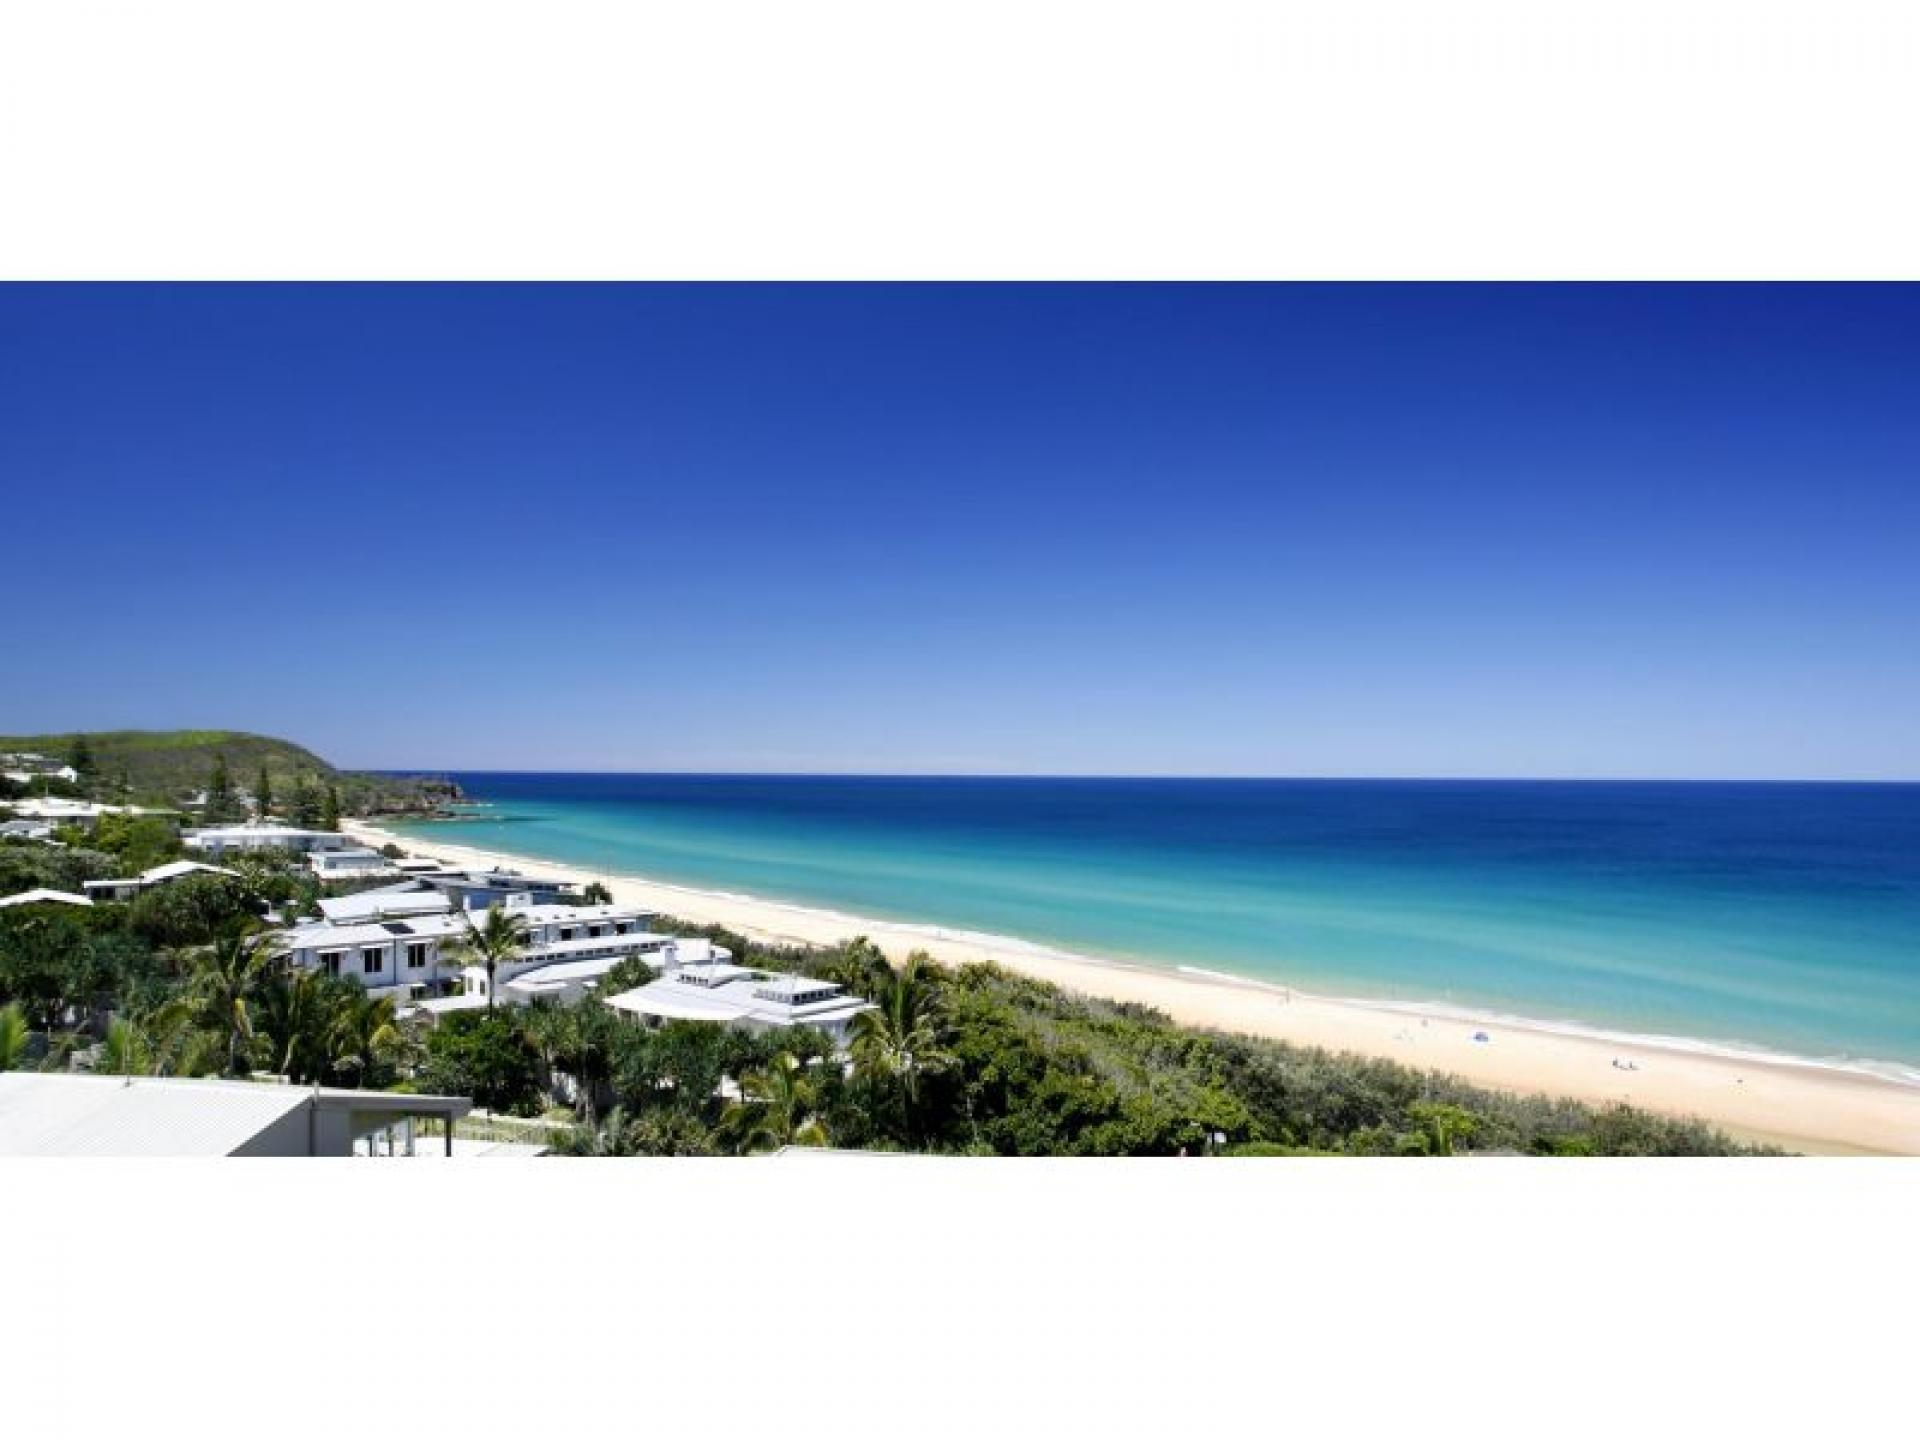 Deluxe Beachfront Resort Minutes to Noosa    Resort Brokers ID : MR004722